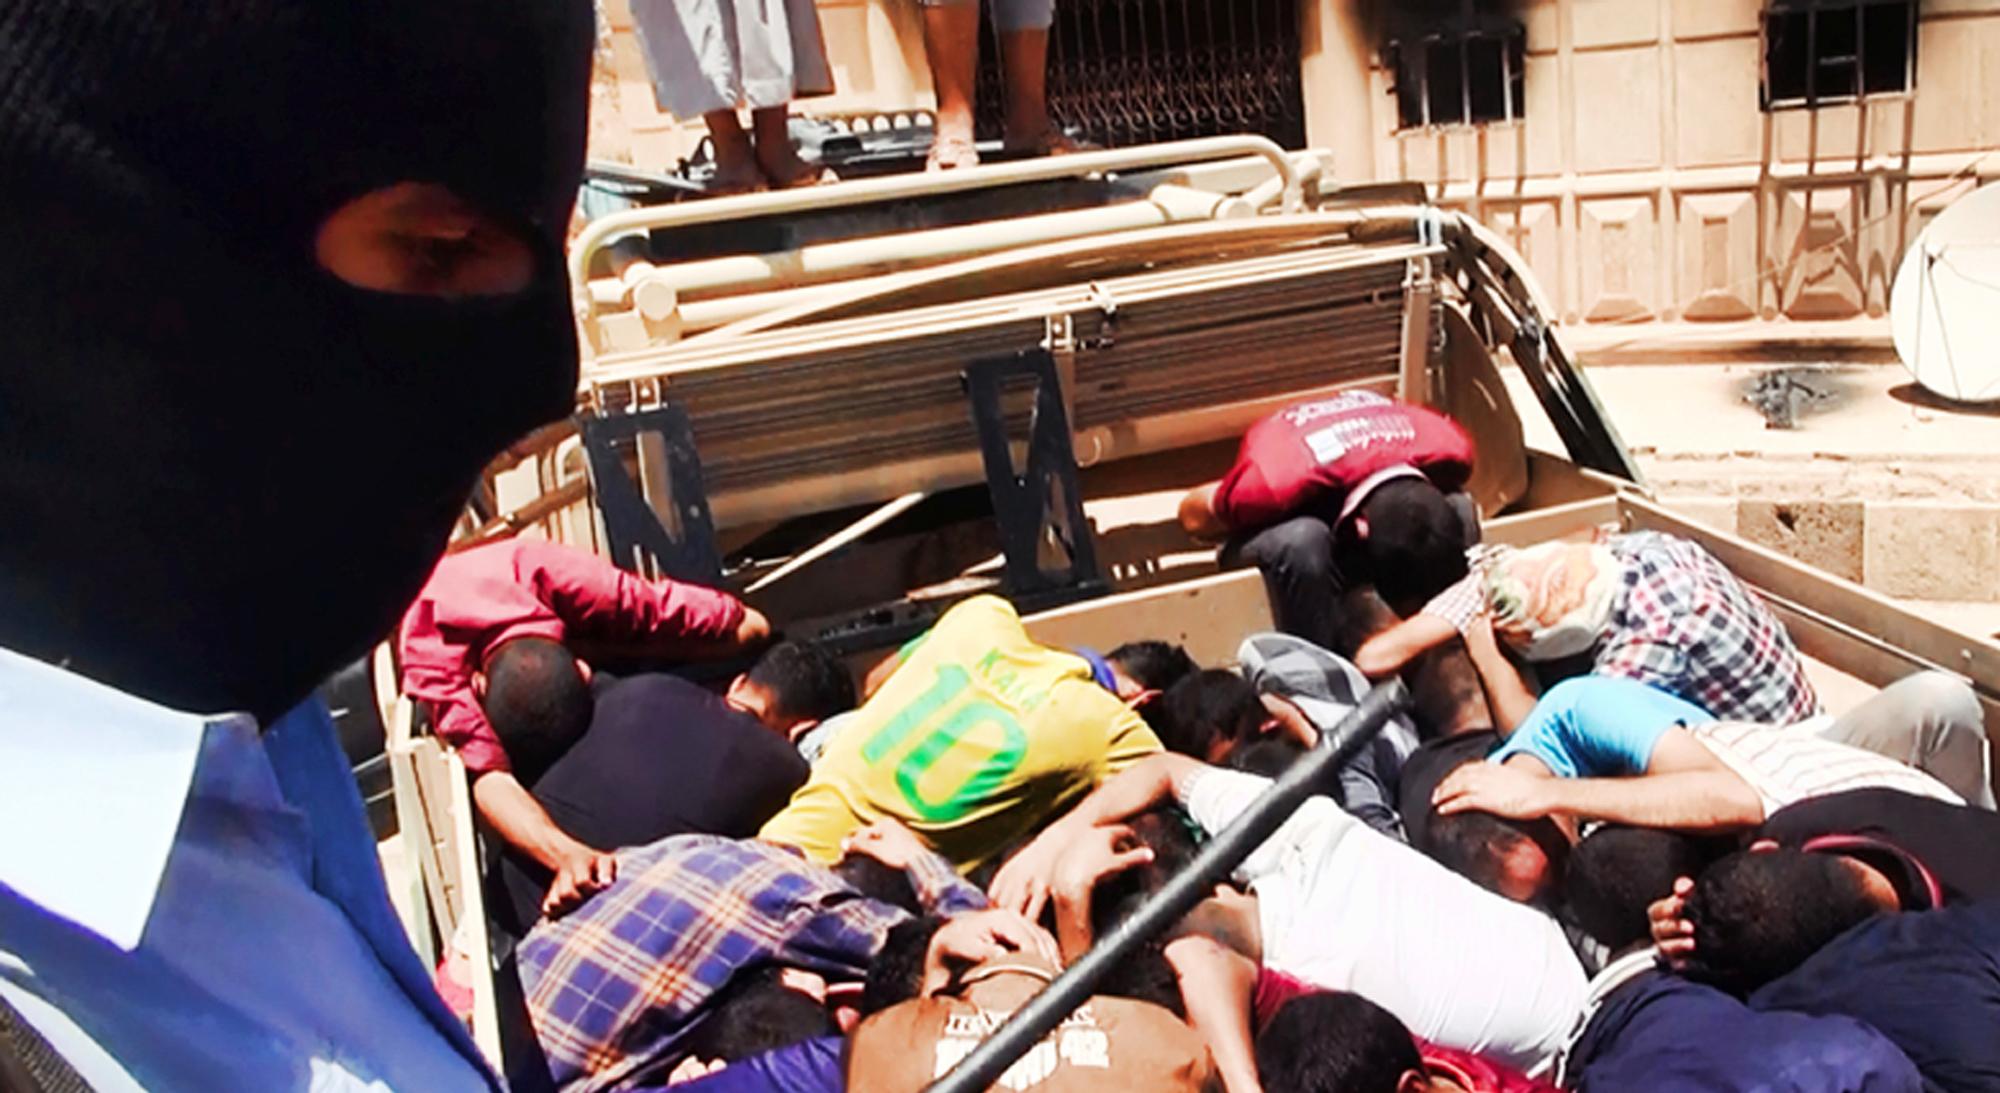 Террористы трахнули заложников 8 фотография